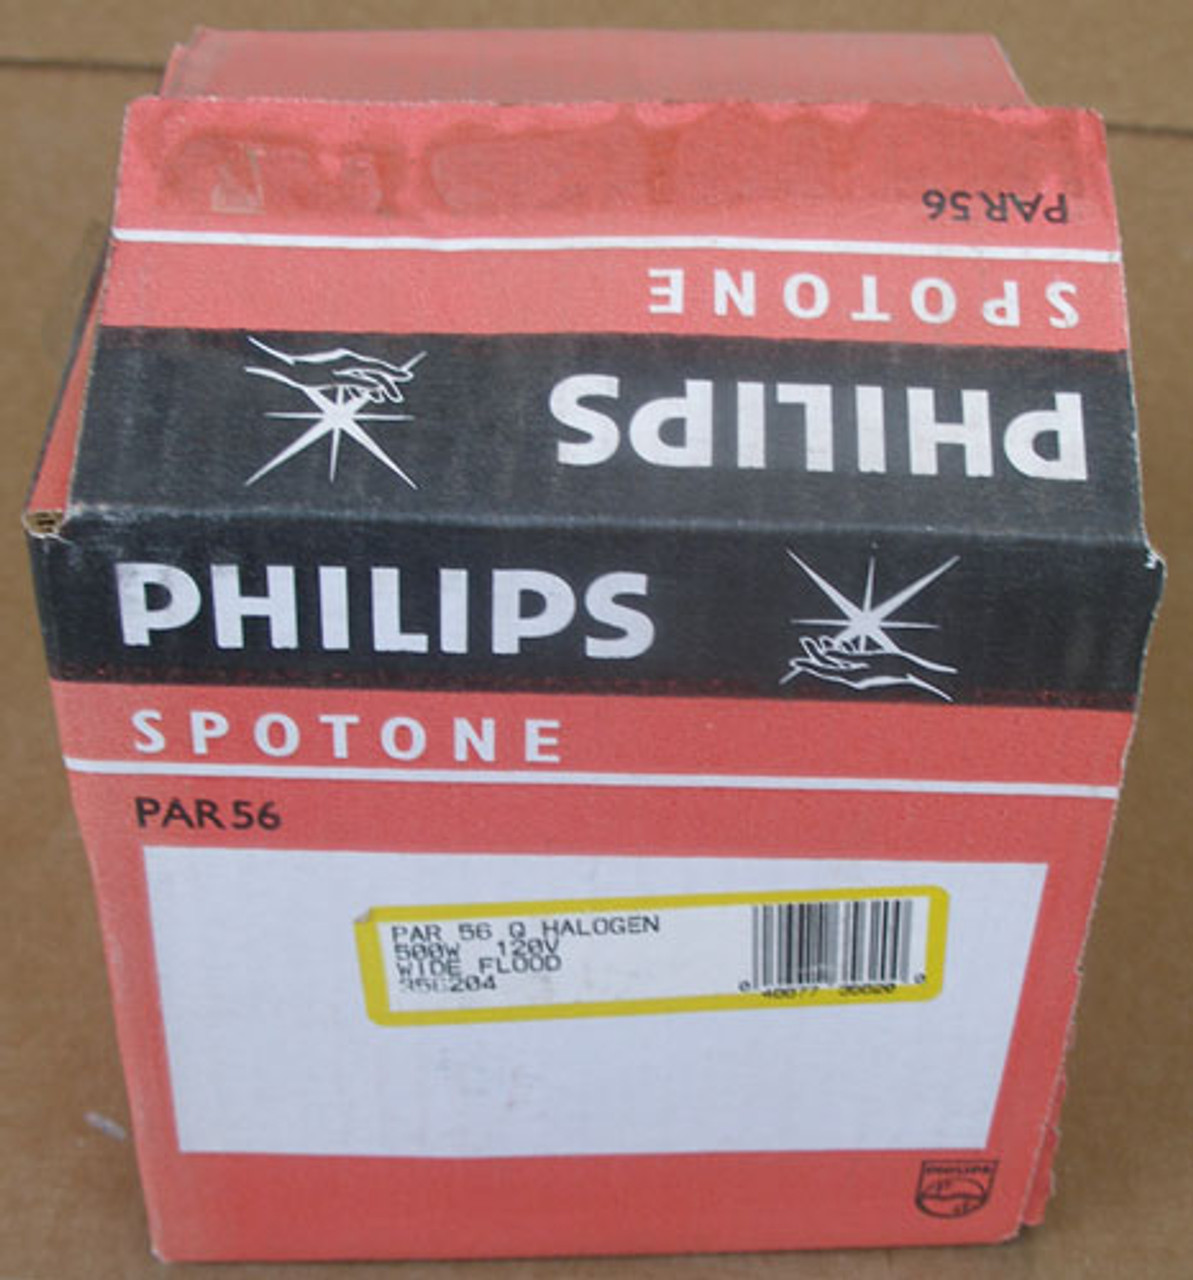 Philips 356204 PAR 56 Q Halogen Wide Flood Bulb 500 Watt 120V - New